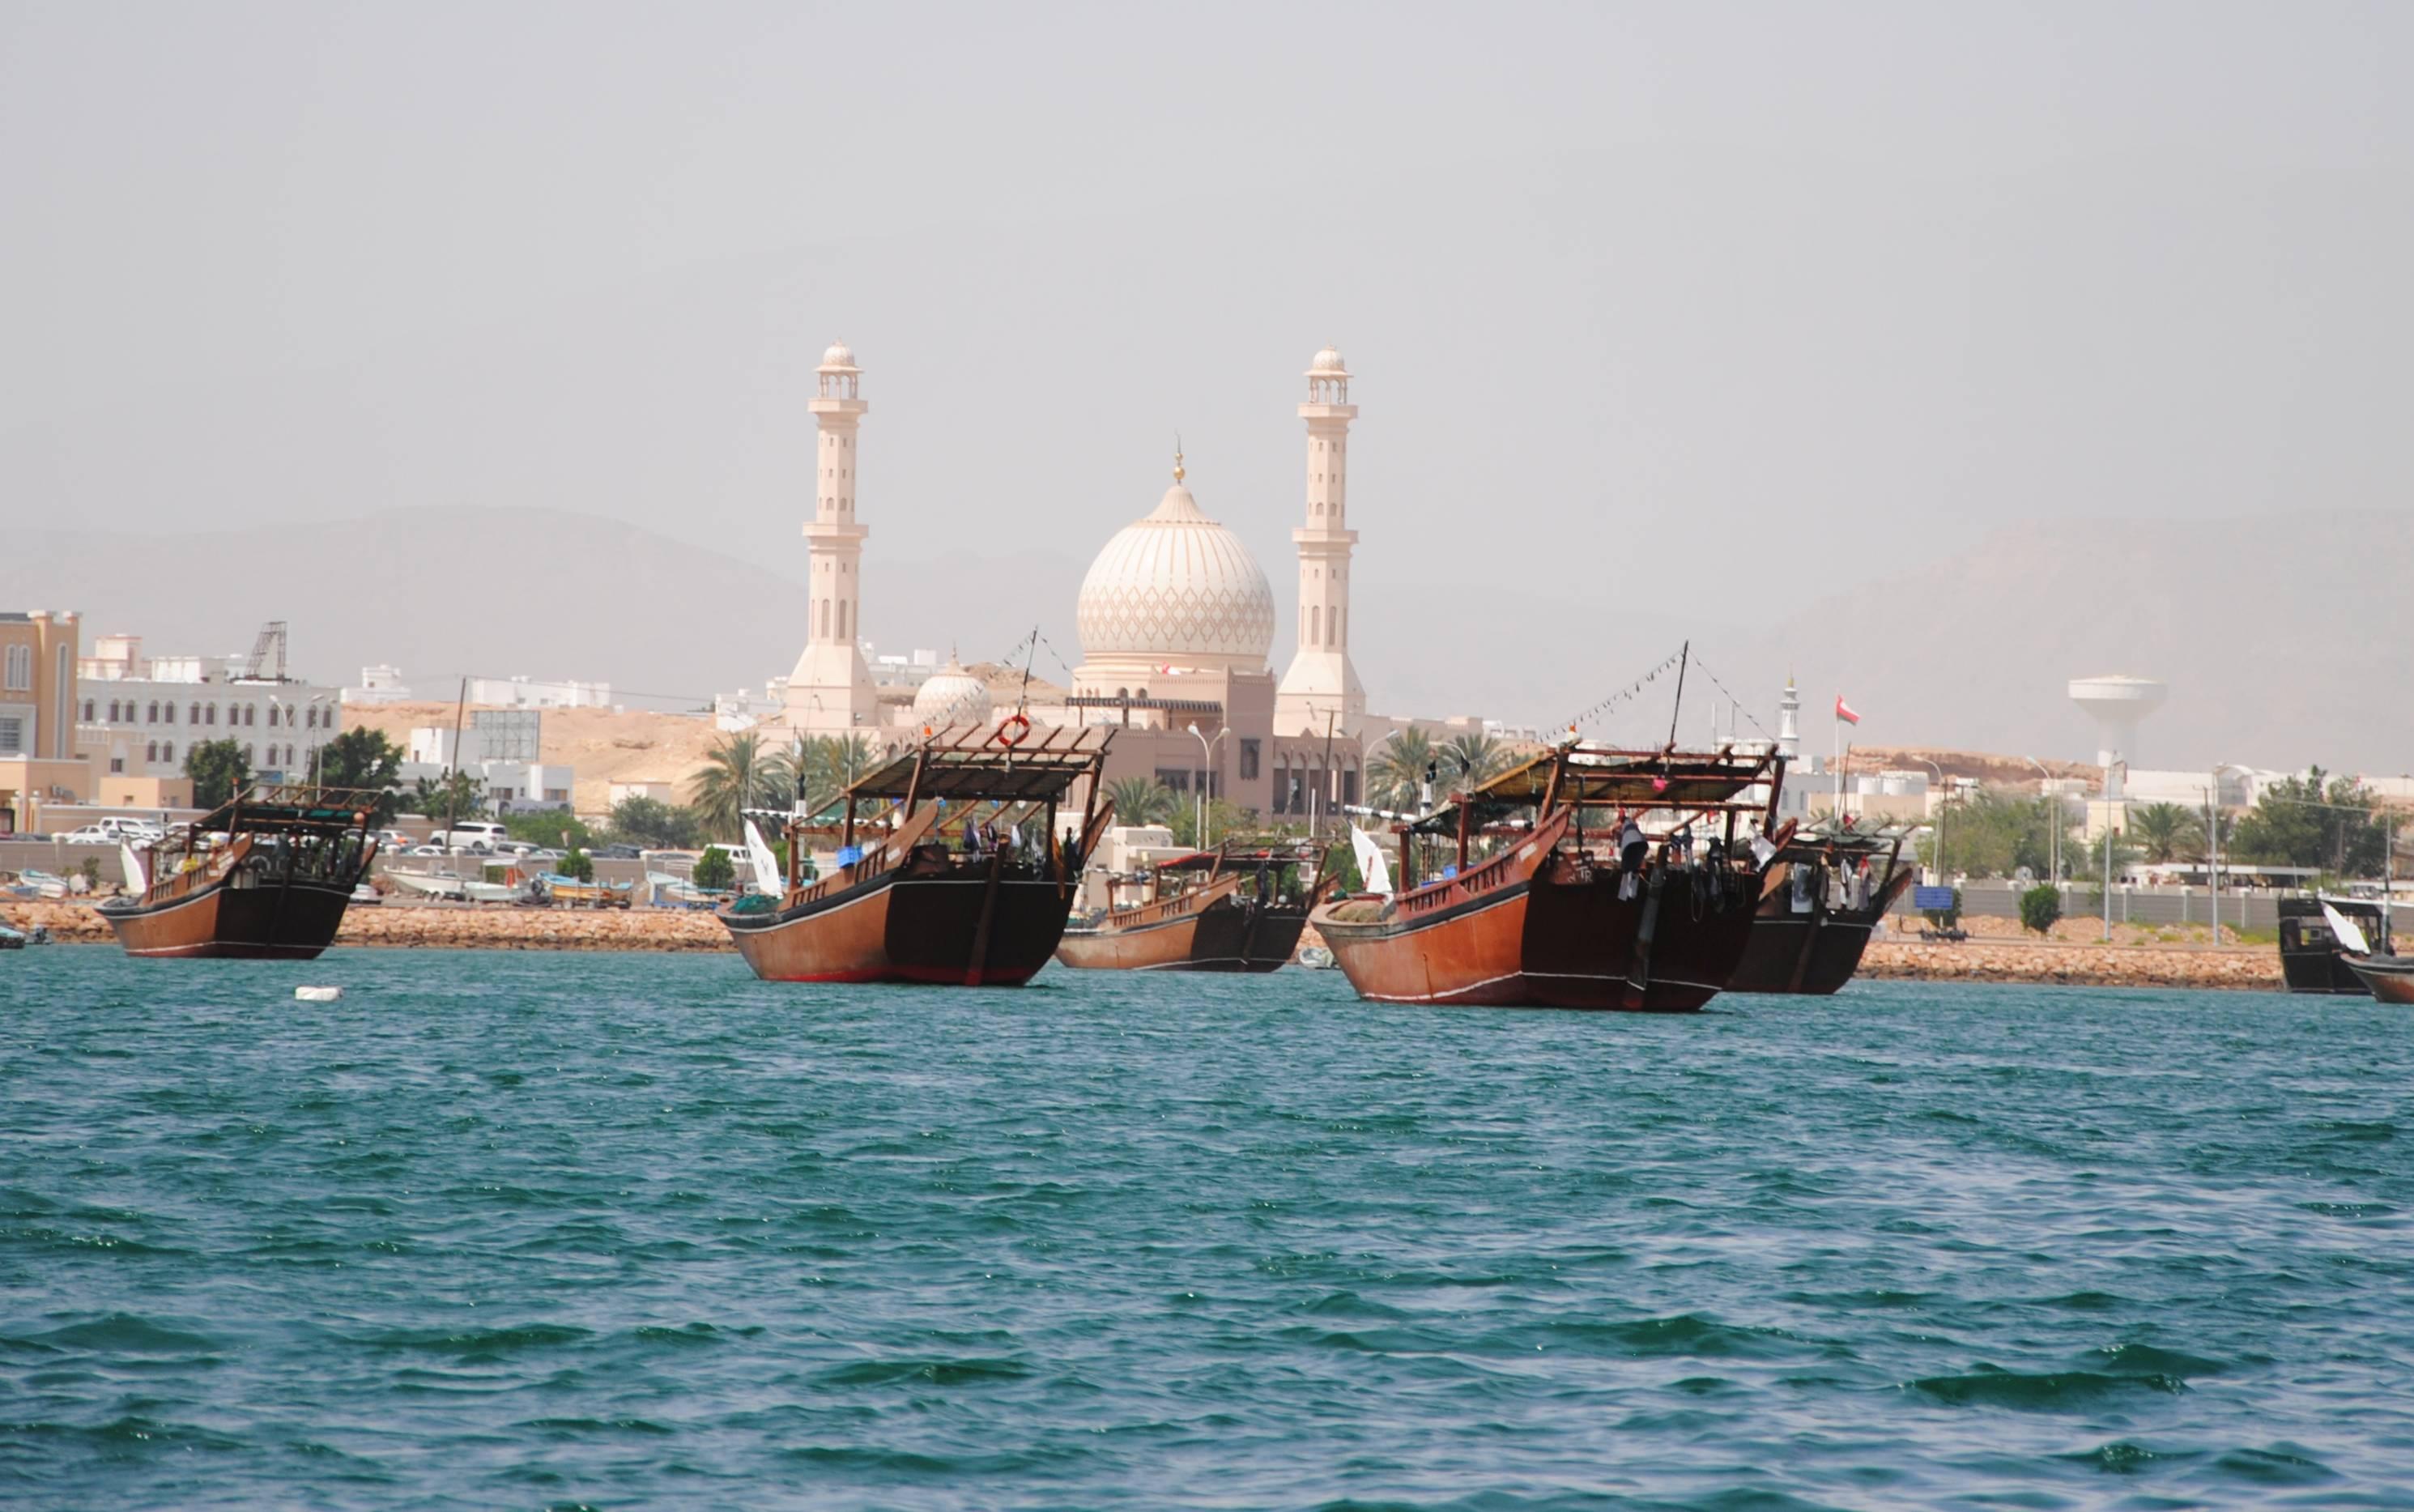 Dhaus im Hafen und eine Moschee im Hintergrund